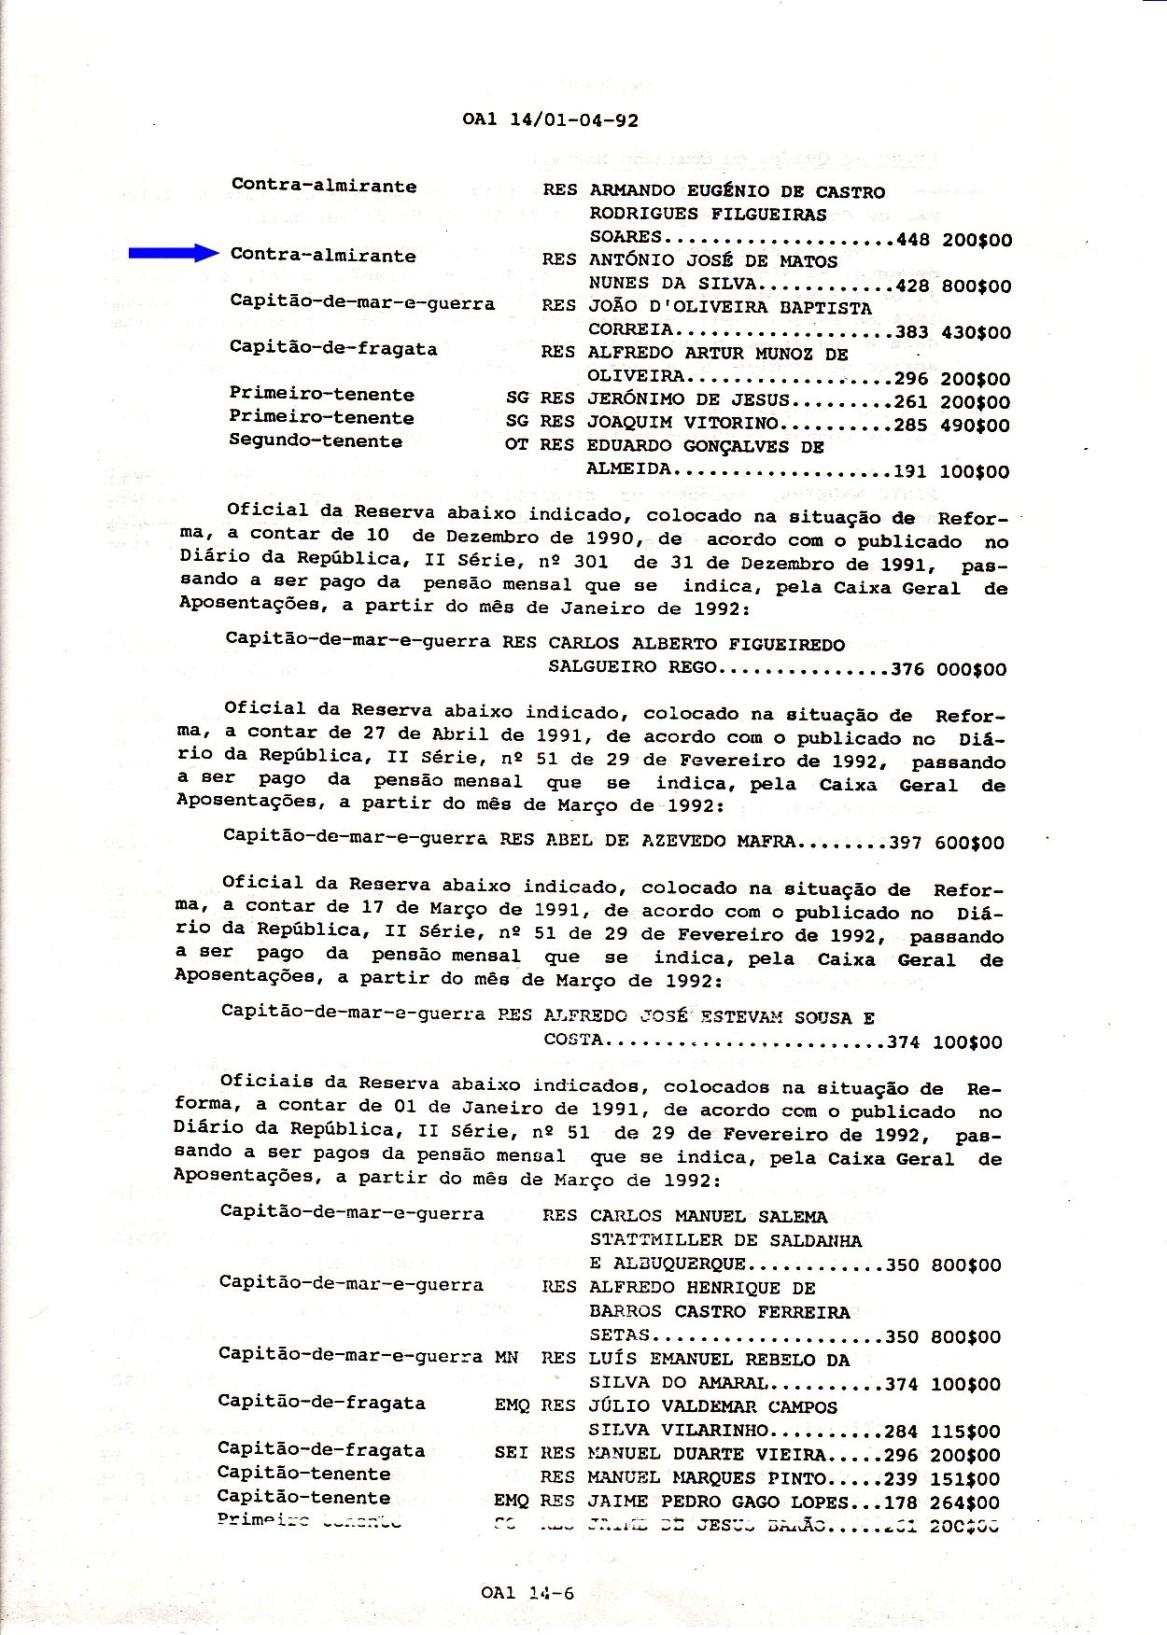 00893e 991-12-31 passagem a pensionista da CGA -OA1 14 pág6